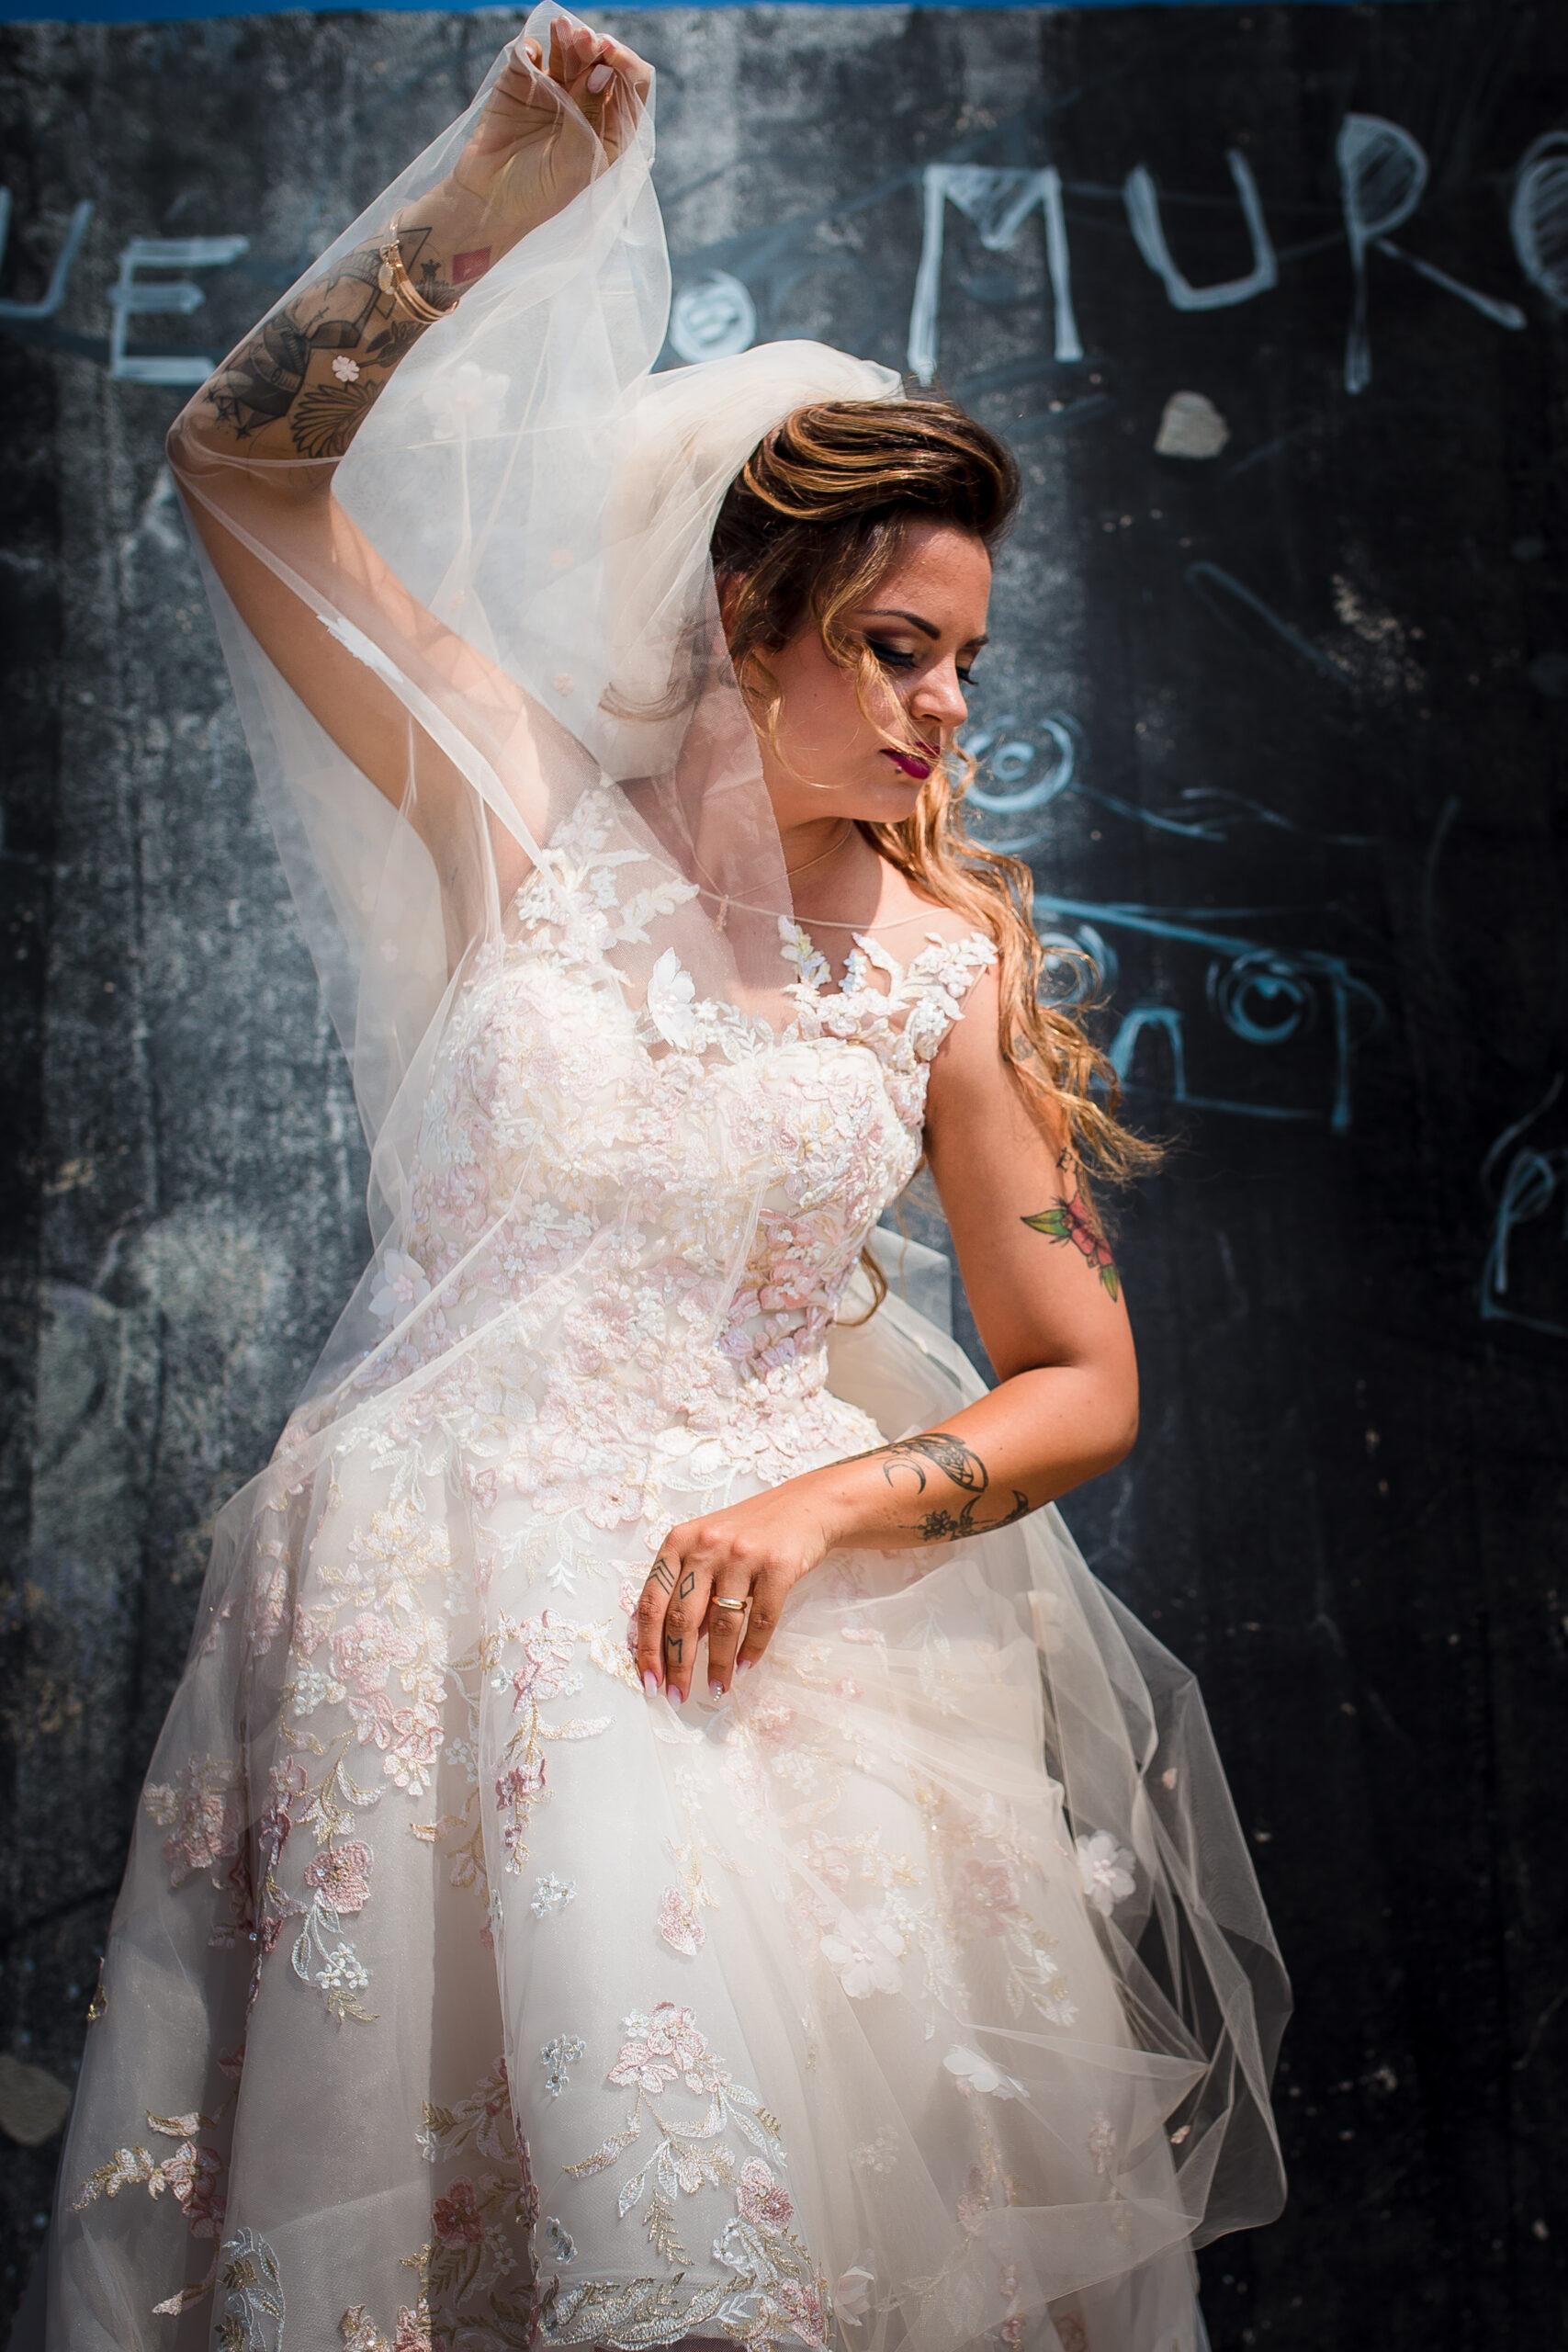 sposa in posa artistica